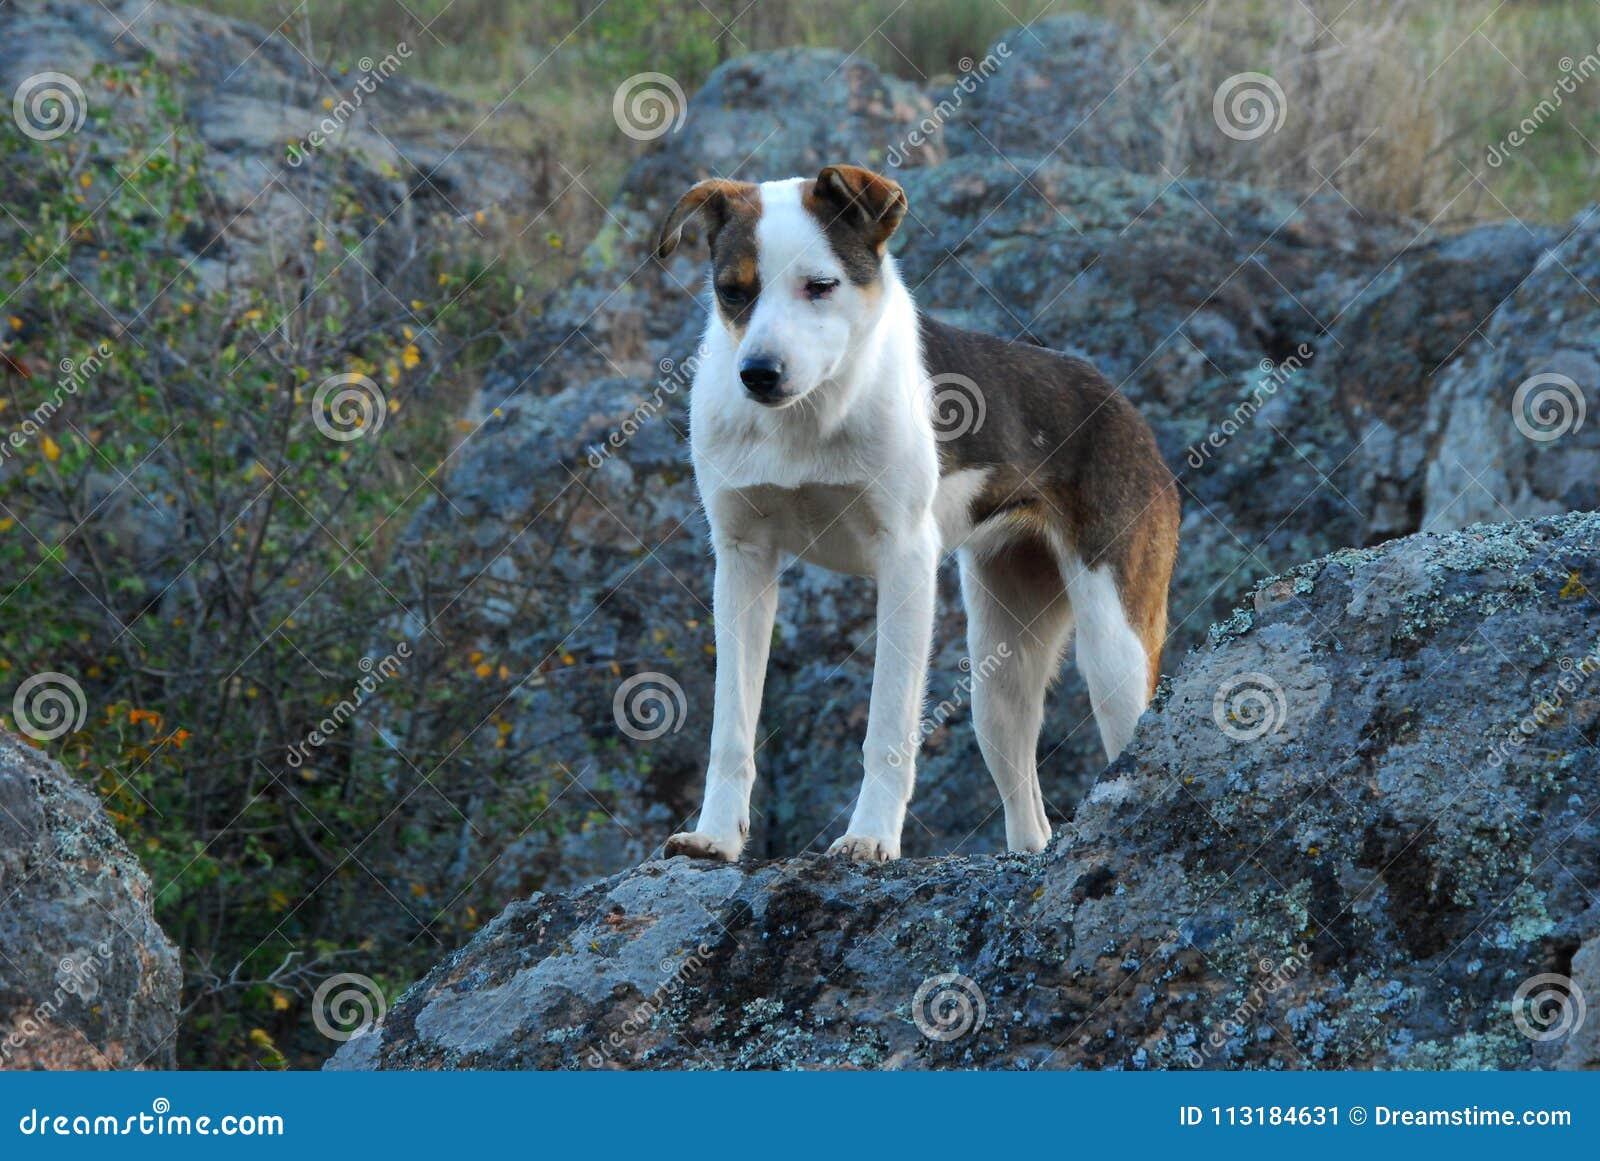 Perro rojo blanco en las piedras